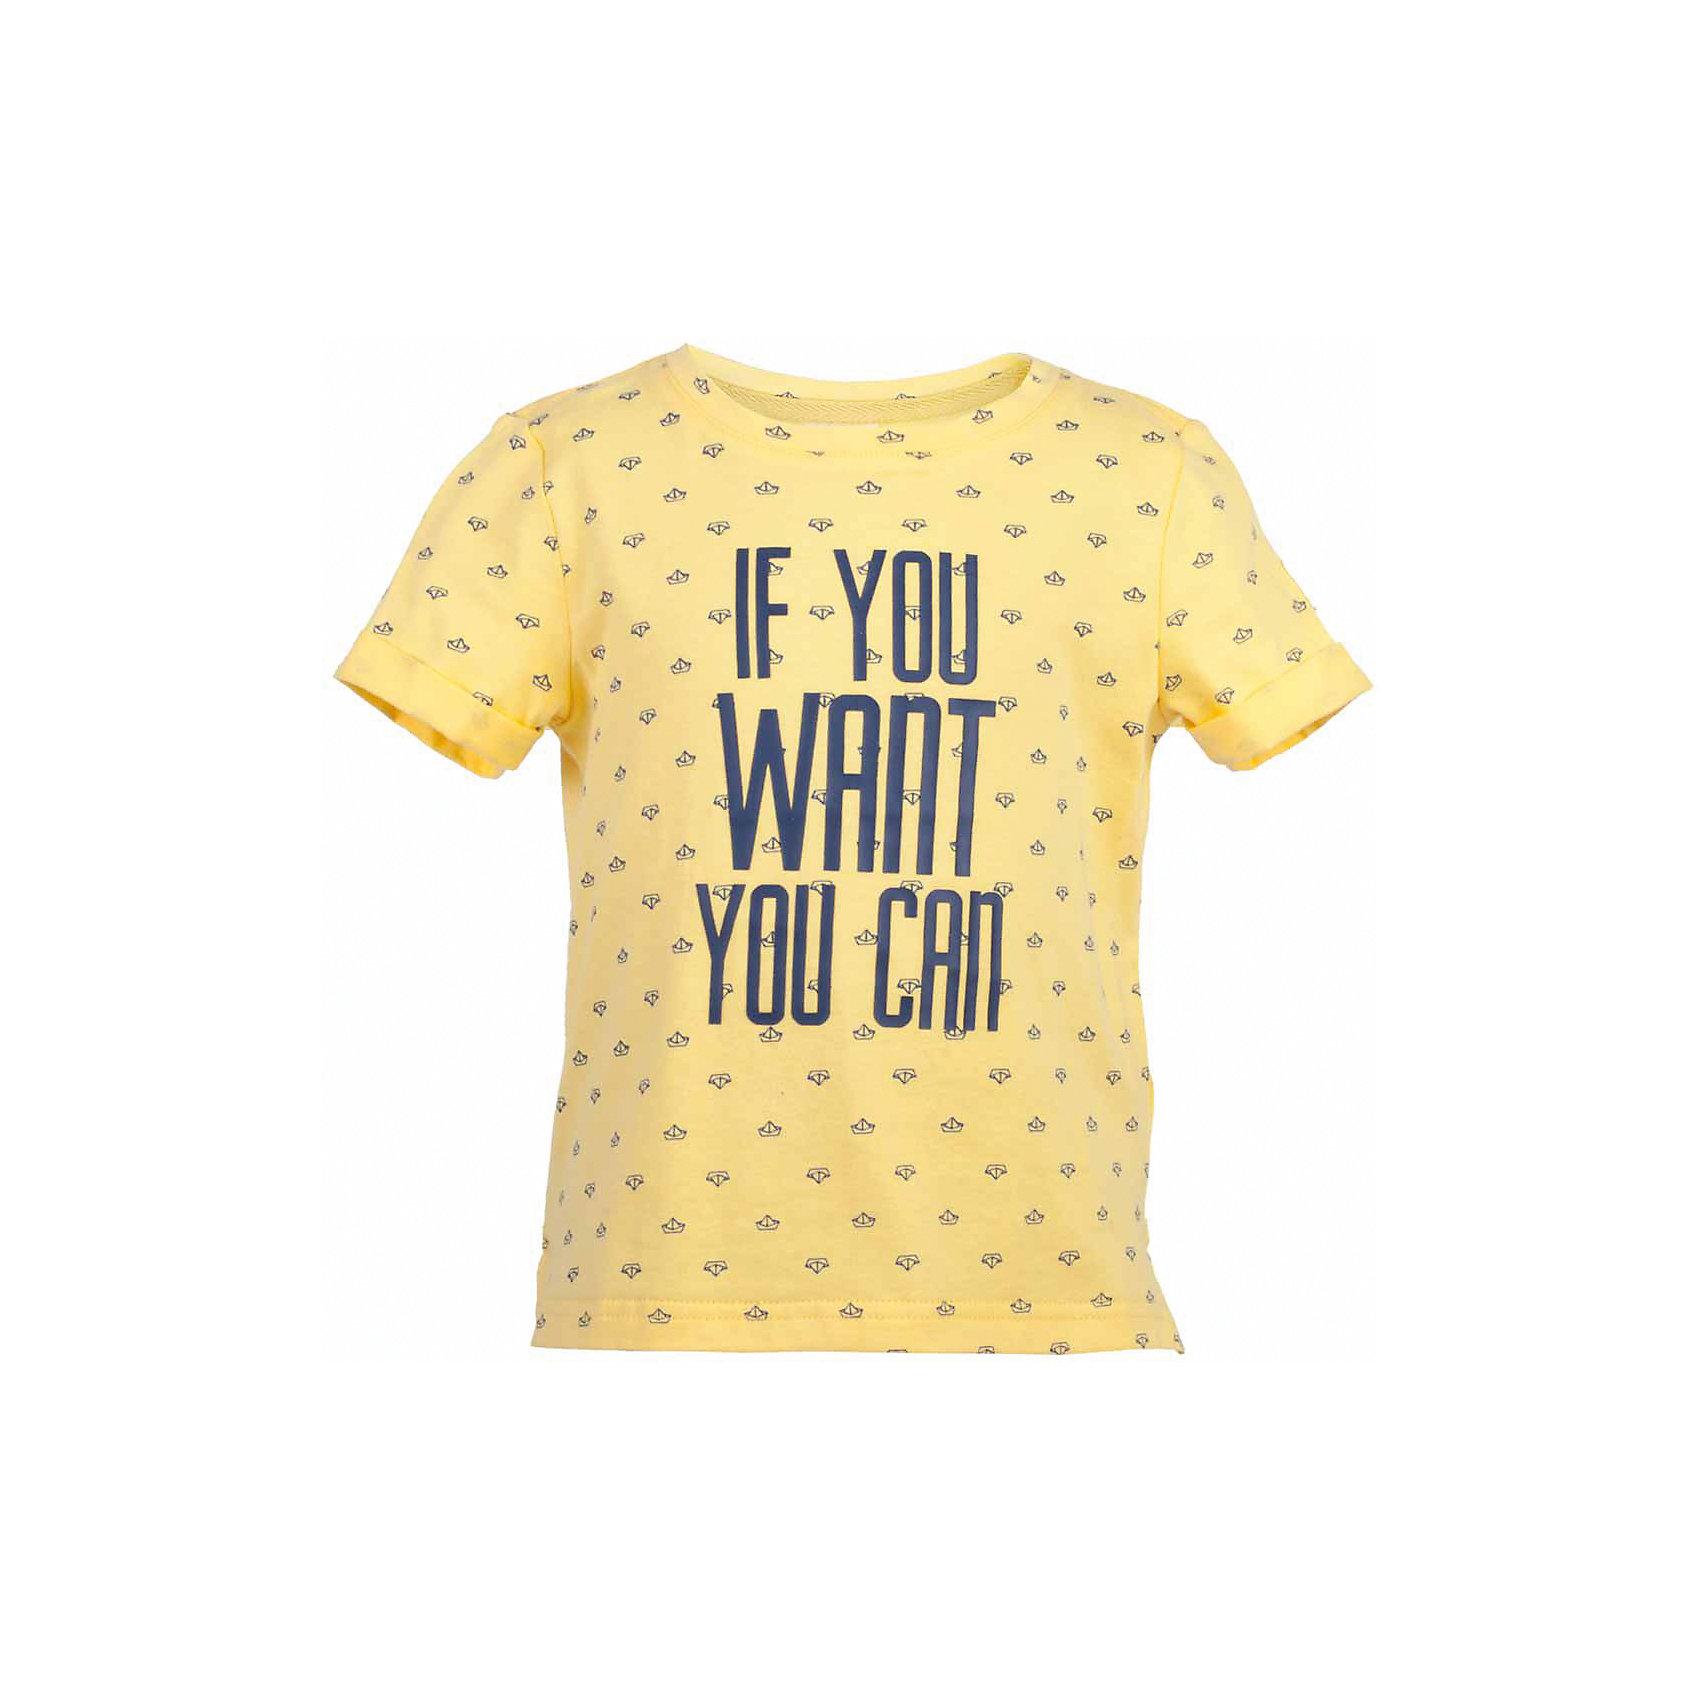 Футболка для мальчика  BUTTON BLUEФутболки, поло и топы<br>Футболка для мальчика  BUTTON BLUE<br>Яркие футболки с рисунком - хит сезона Весна/Лето 2017! Динамичный принт создает летнее настроение и делает модель яркой и запоминающейся. Если вы решили купить недорогую футболку для мальчика, обратите внимание на модель от Button Blue! Эта футболка станет выразительным акцентом повседневного образа, сделав каждый комплект оригинальным и необычным. Низкая цена не окажет влияния на бюджет семьи, позволив создать интересный базовый гардероб для долгожданных каникул!<br>Состав:<br>100%  хлопок<br><br>Ширина мм: 199<br>Глубина мм: 10<br>Высота мм: 161<br>Вес г: 151<br>Цвет: желтый<br>Возраст от месяцев: 132<br>Возраст до месяцев: 144<br>Пол: Мужской<br>Возраст: Детский<br>Размер: 152,158,98,146,140,134,128,122,116,110,104<br>SKU: 5524269